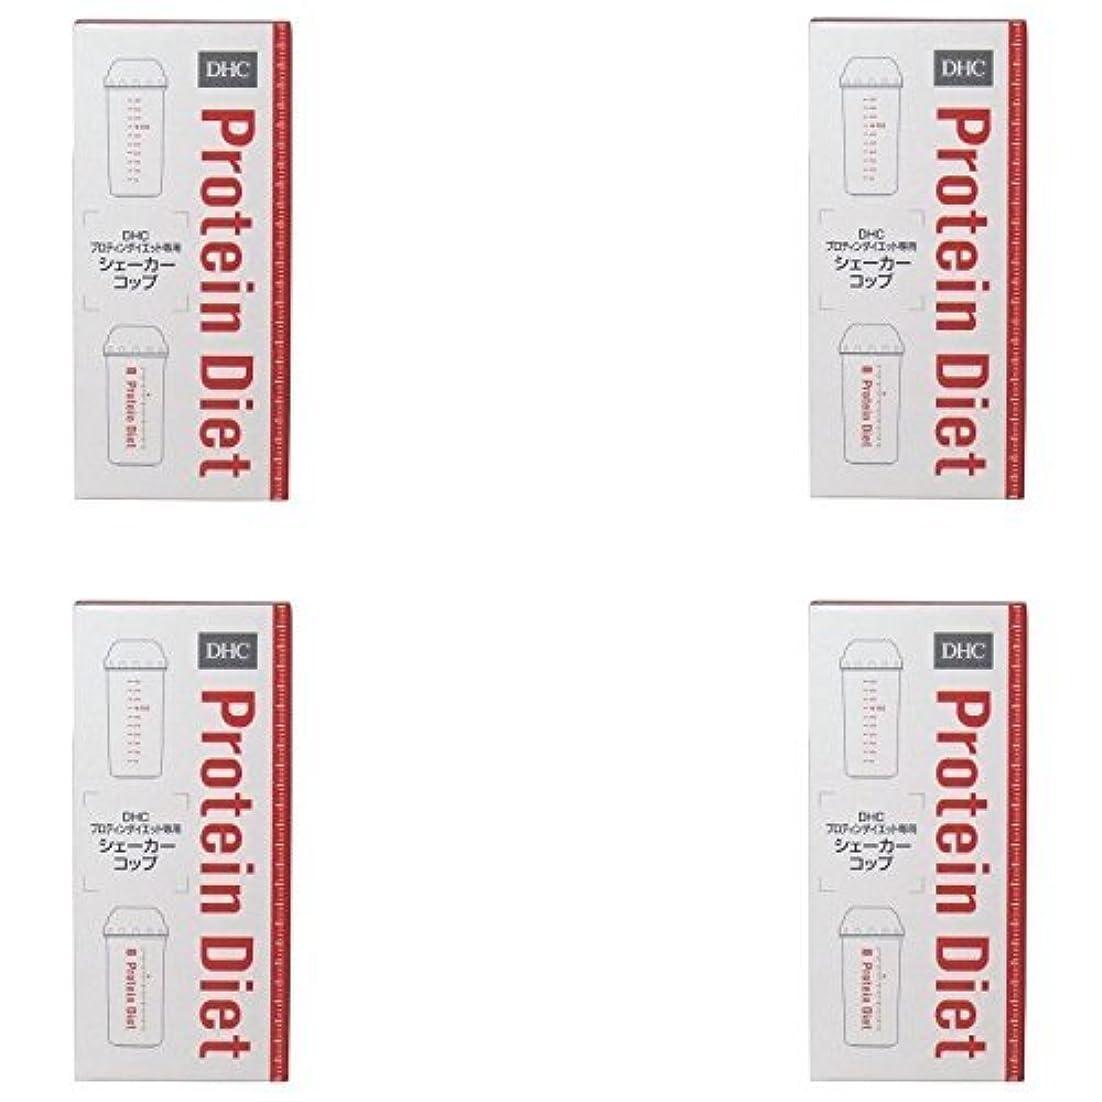 私たち納屋抑圧【まとめ買い】DHC プロティンダイエット専用シェーカーコップ 1個【×4セット】